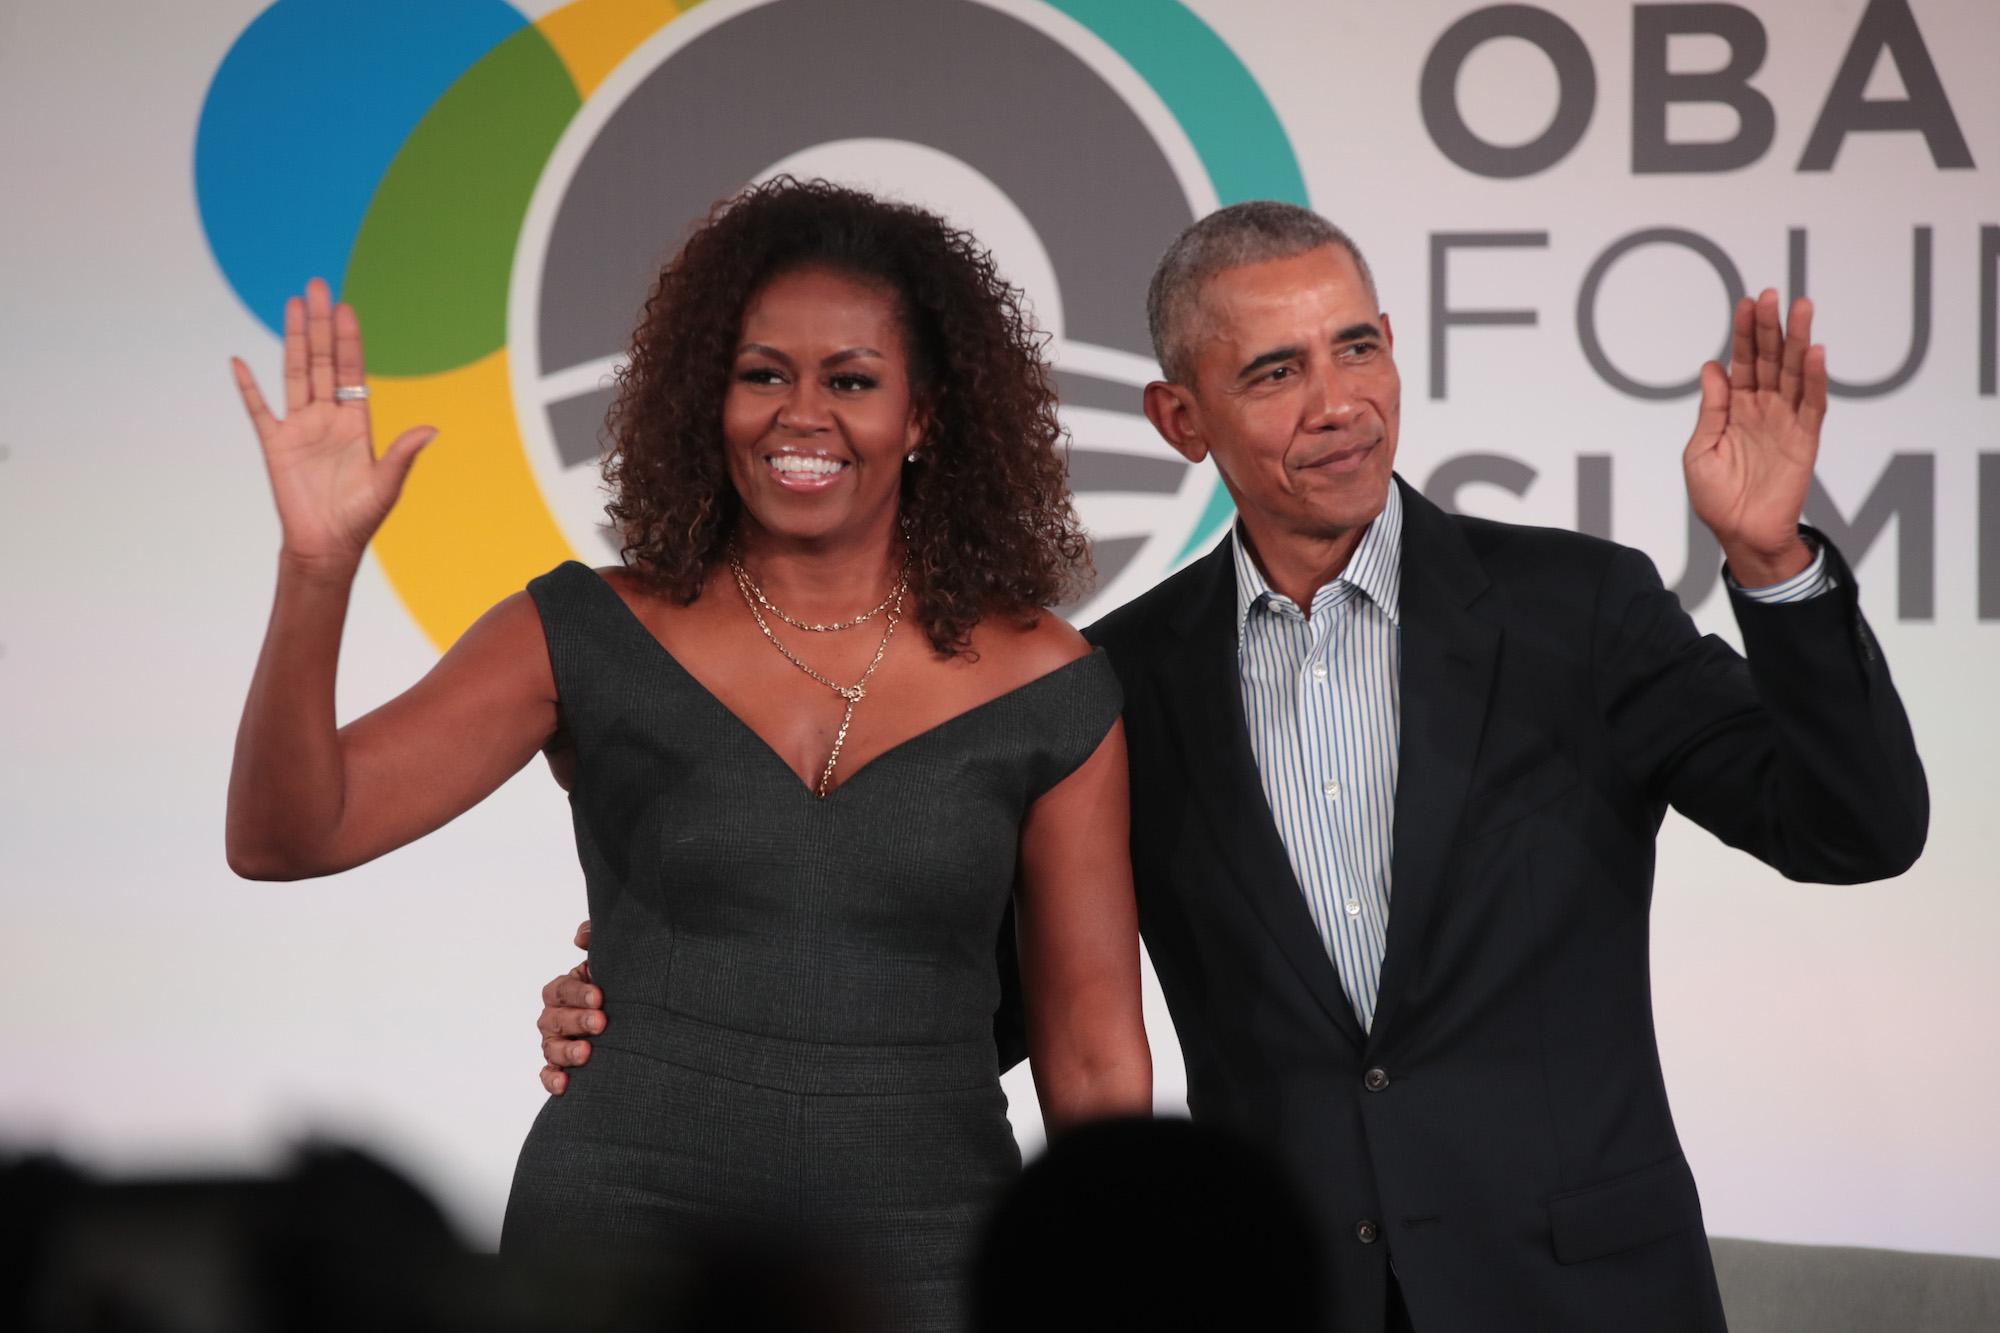 Barack obama bday